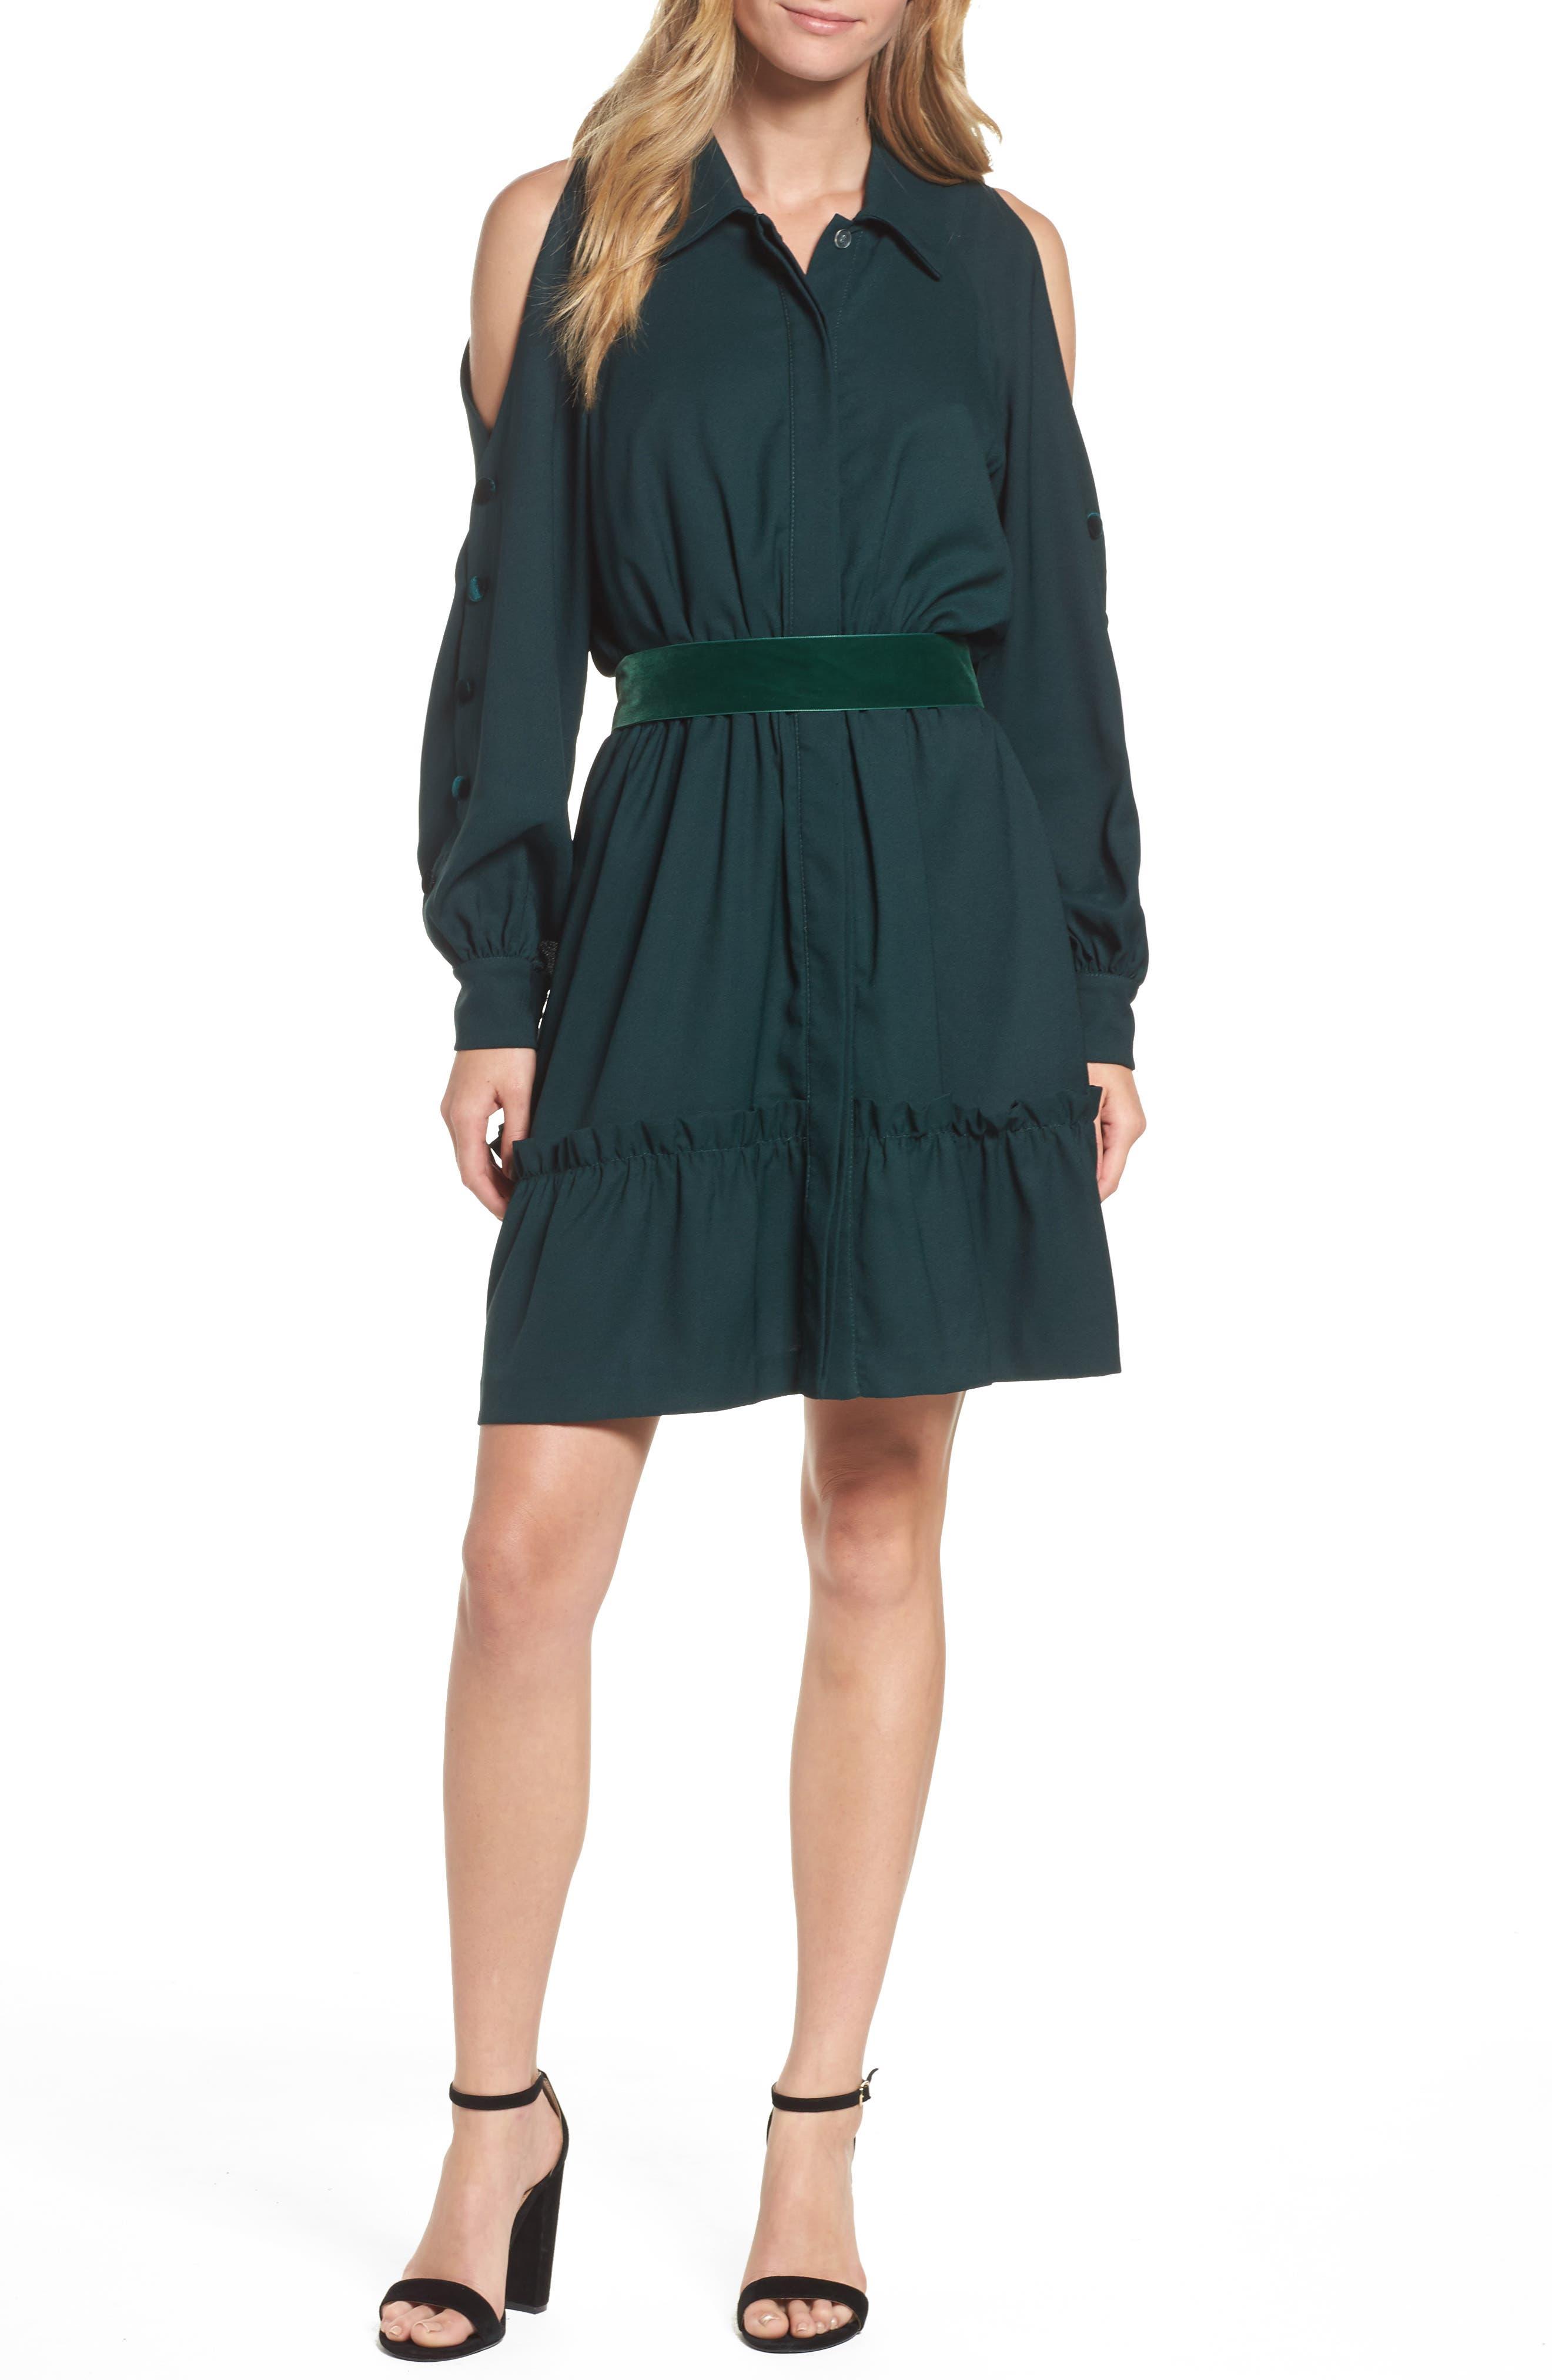 Alternate Image 1 Selected - Eliza J Cold Shoulder Shirtdress (Regular & Petite)